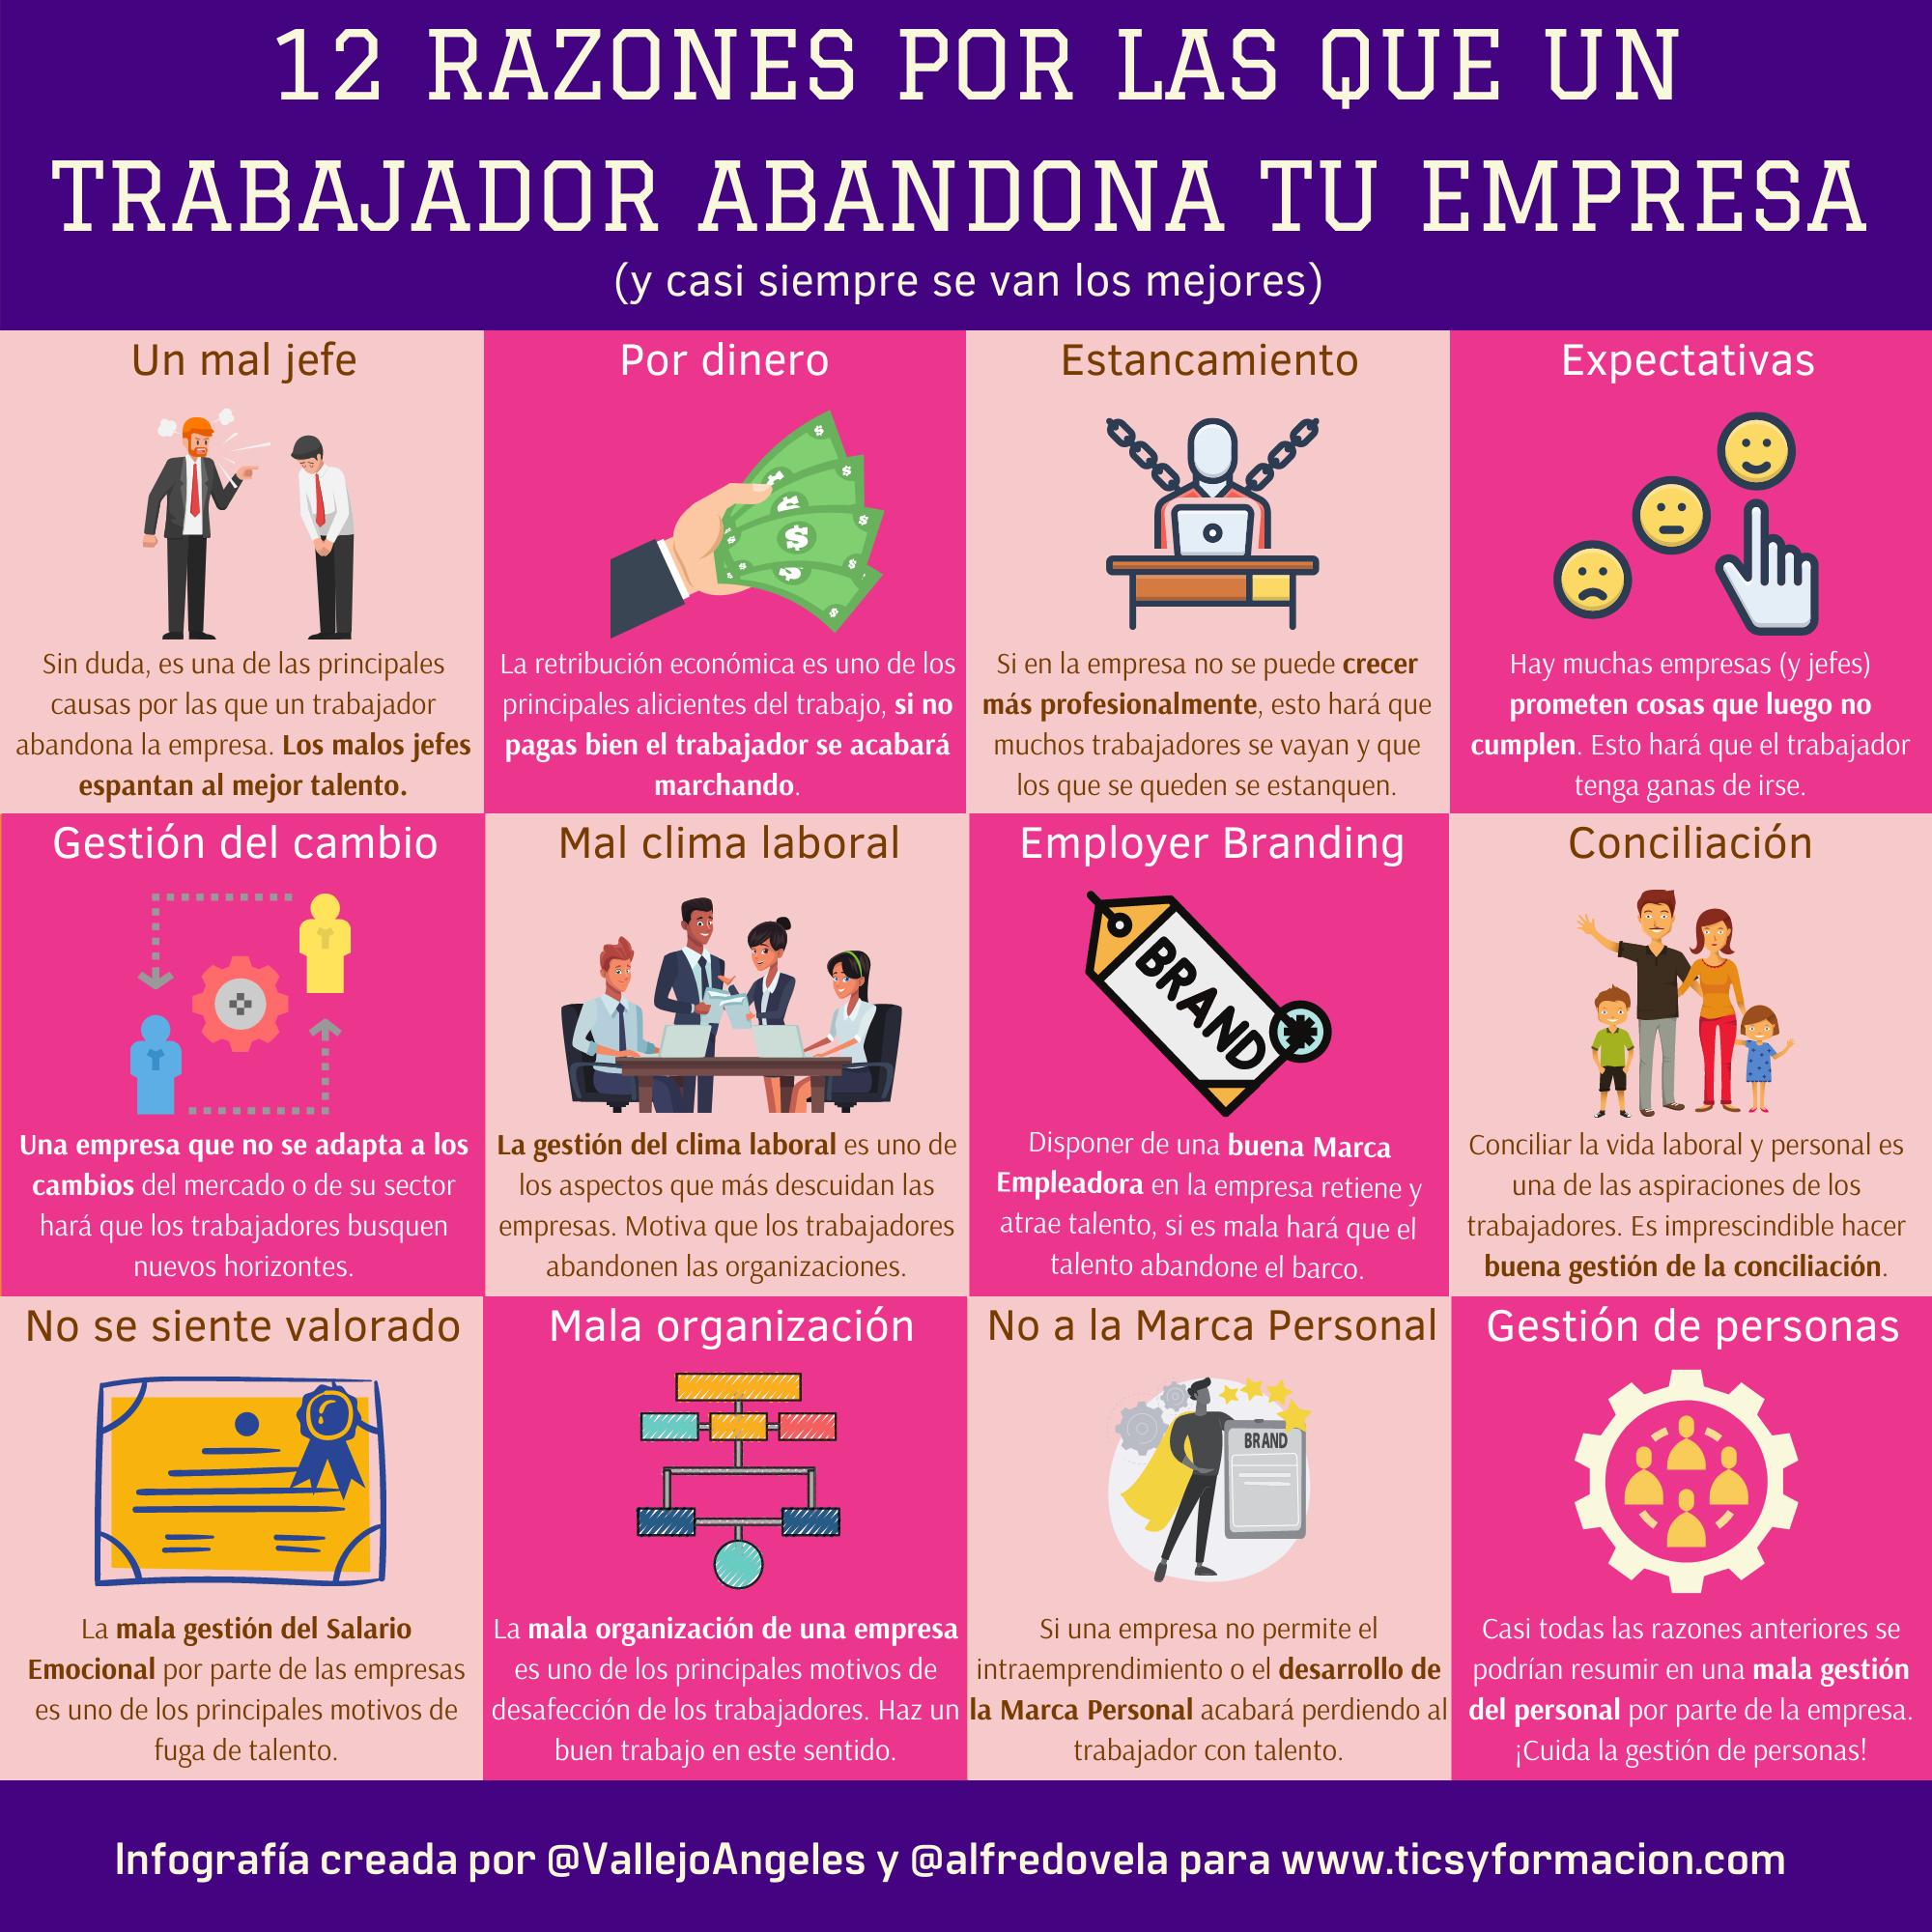 12 razones por las que un trabajador abandona tu empresa #infografia #rrhh #talento